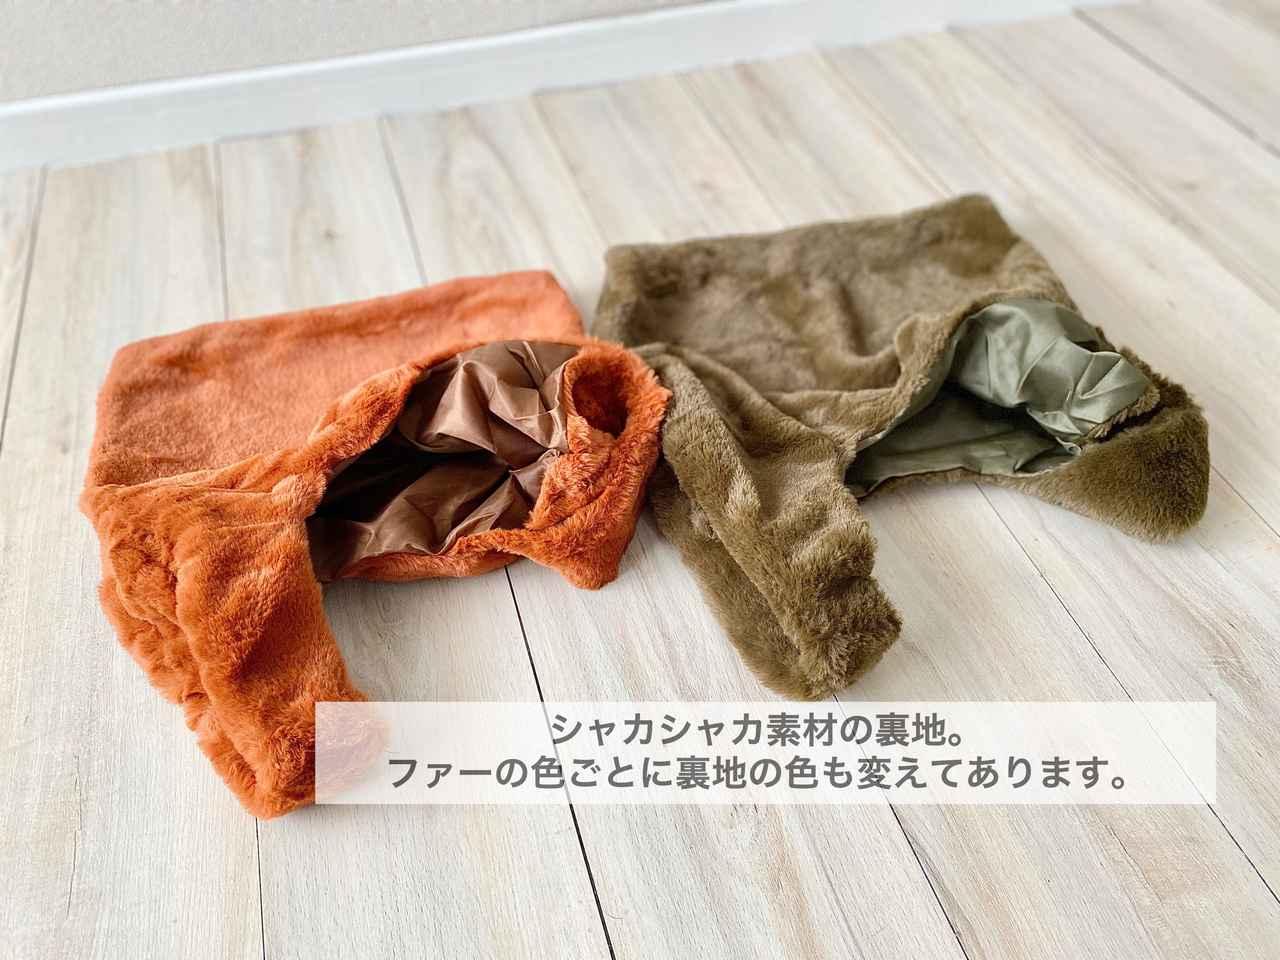 画像5: ダイソーの300円バッグが可愛い!!